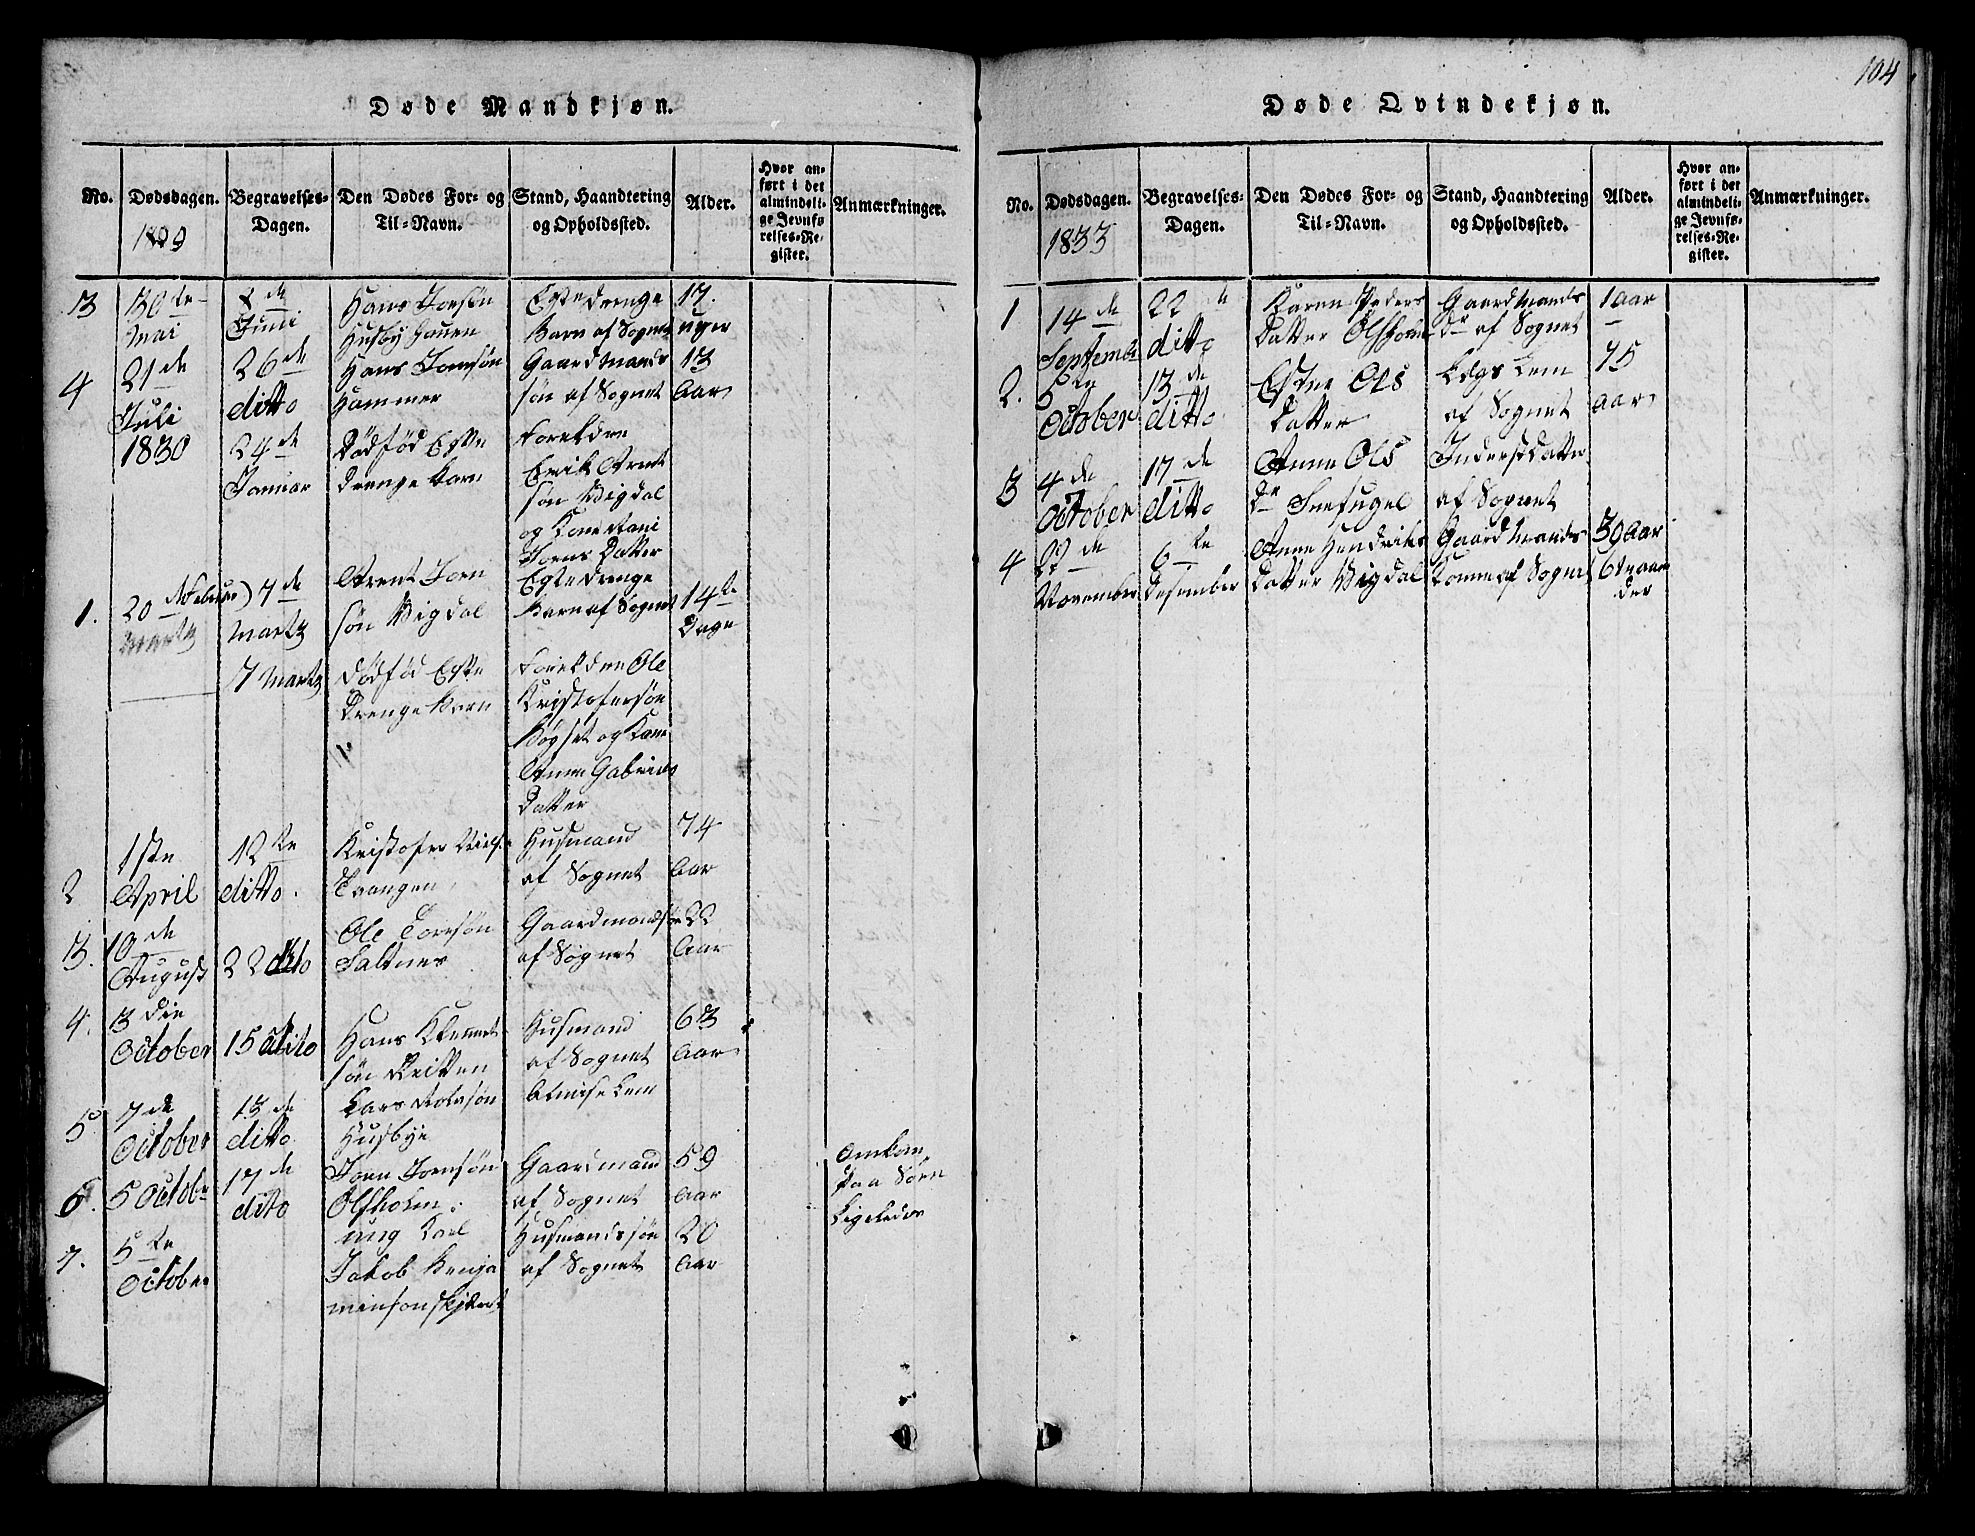 SAT, Ministerialprotokoller, klokkerbøker og fødselsregistre - Sør-Trøndelag, 666/L0788: Klokkerbok nr. 666C01, 1816-1847, s. 104